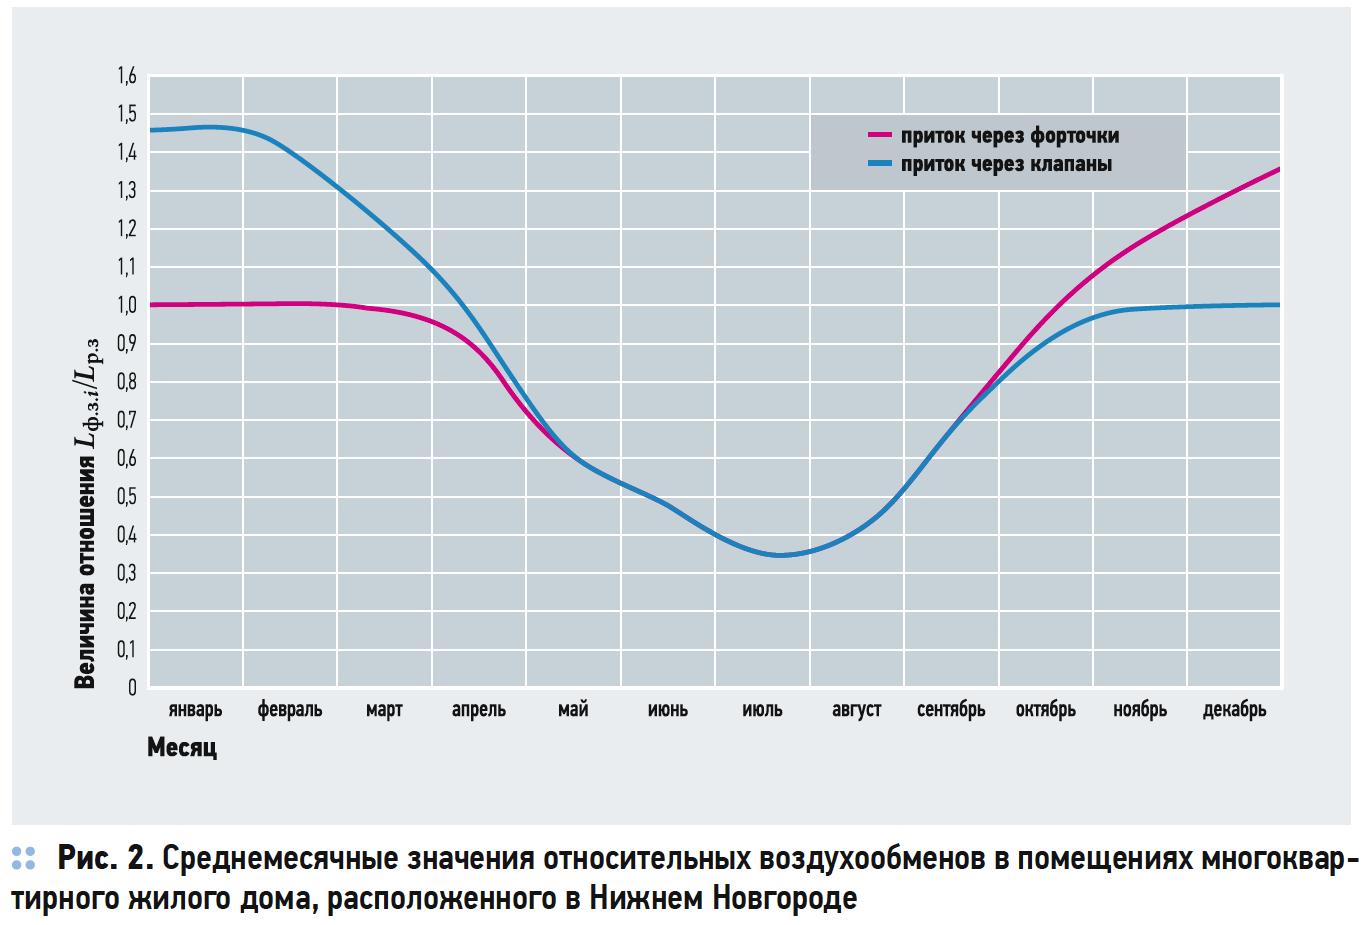 Среднемесячные значения относительных воздухообменов в помещениях многоквартирного жилого дома, расположенного в Нижнем Новгороде